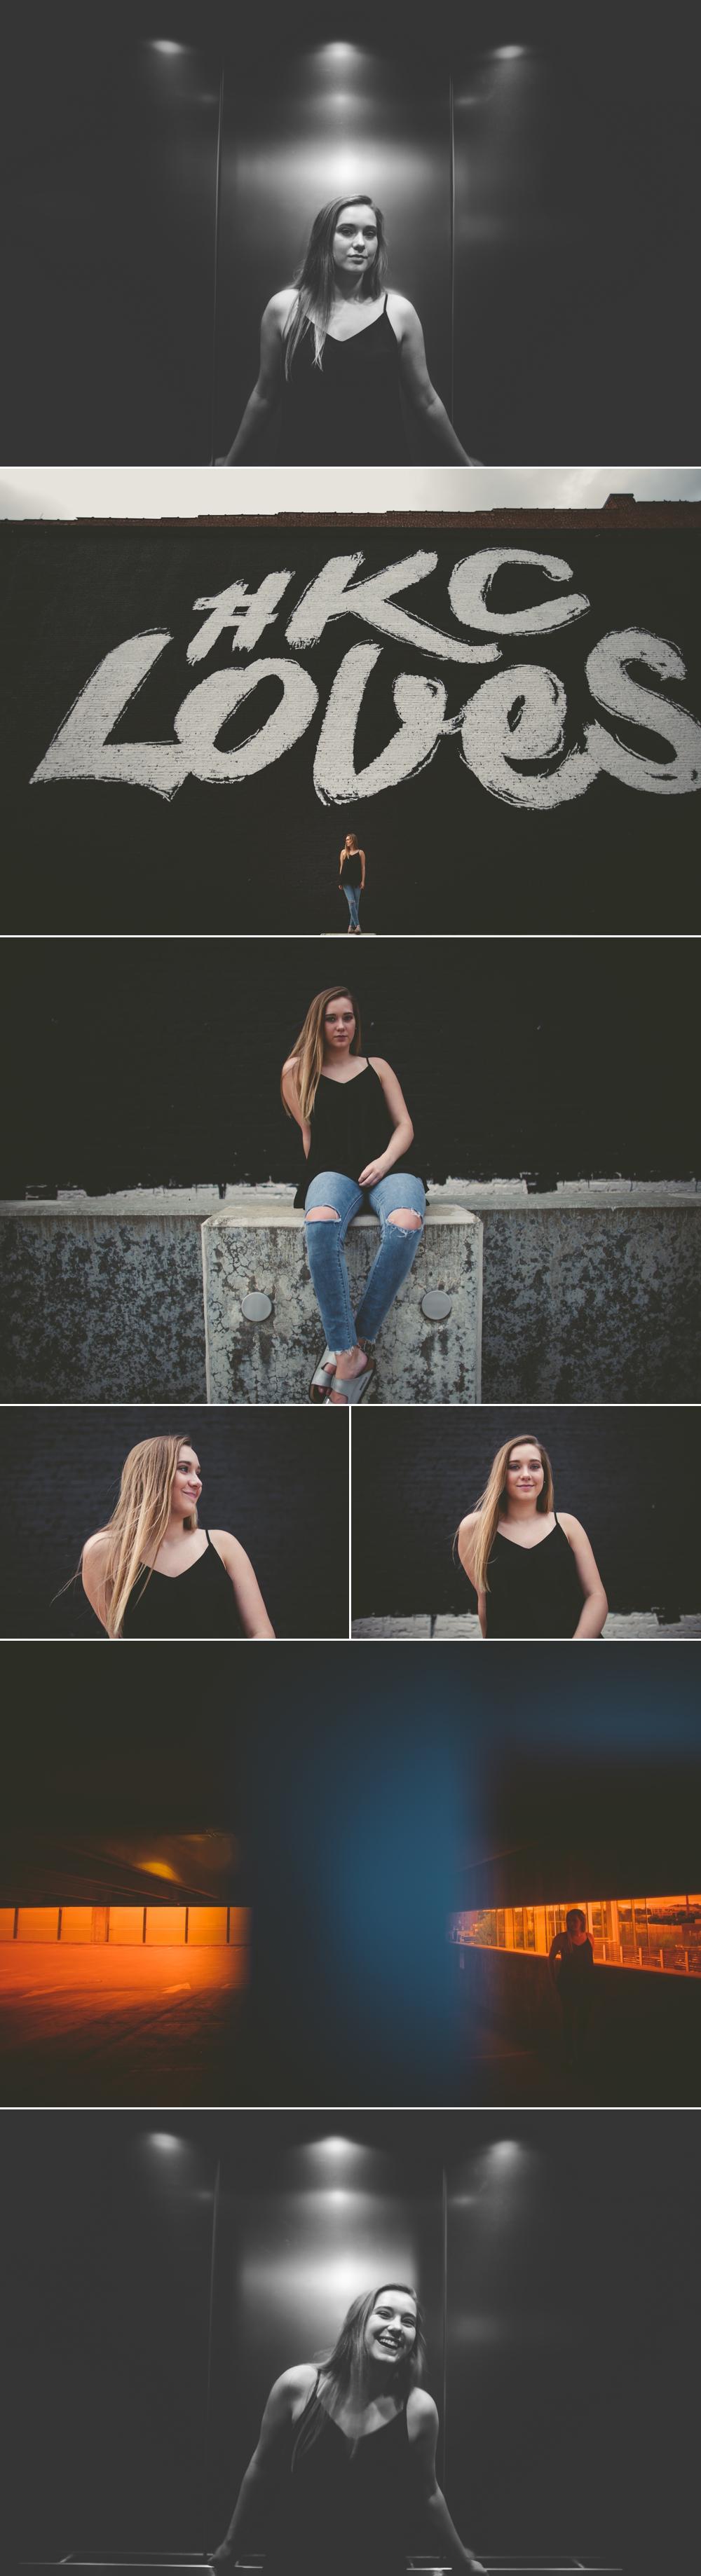 jason_domingues_photography_senior_pictures_kansas_city_portraits_2